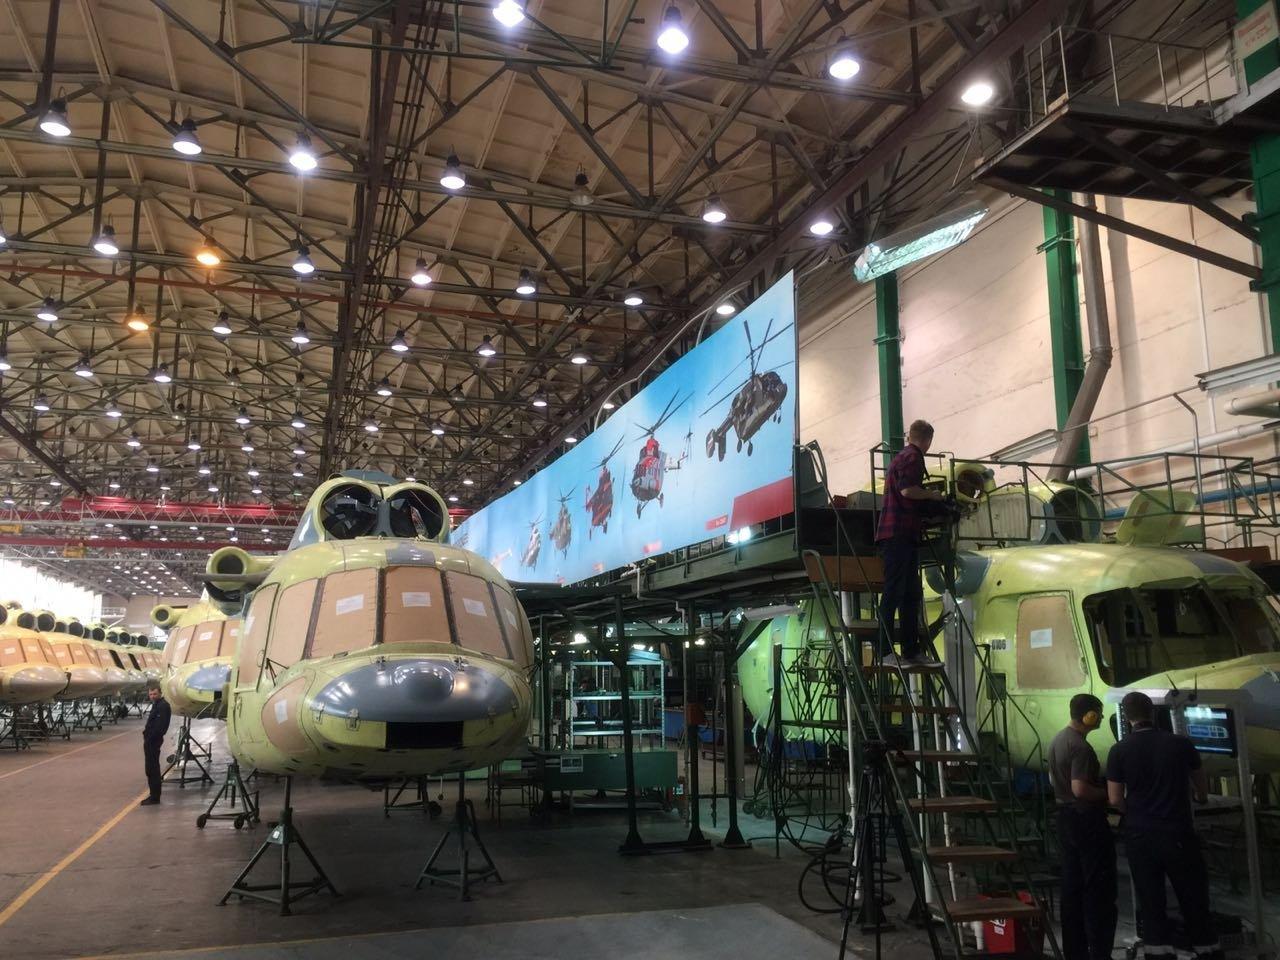 烏蘭烏德航空工廠(U-UAZ)